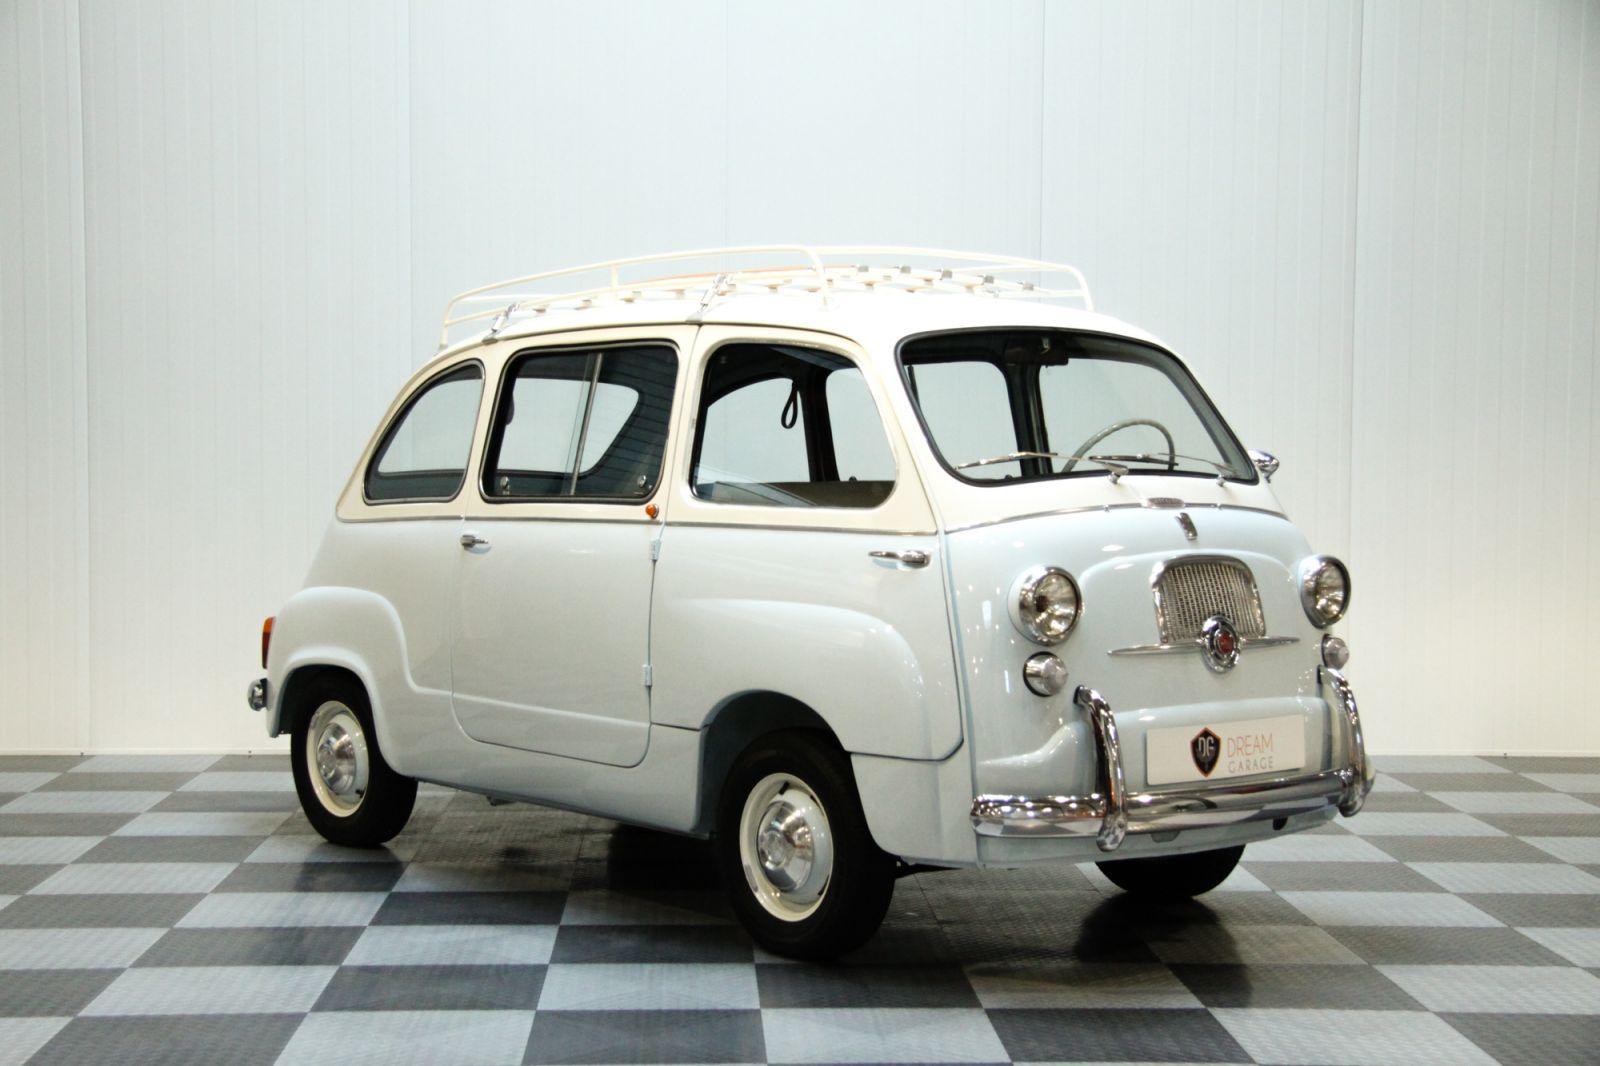 dream garage sold carsfiat fiat 600 multipla. Black Bedroom Furniture Sets. Home Design Ideas